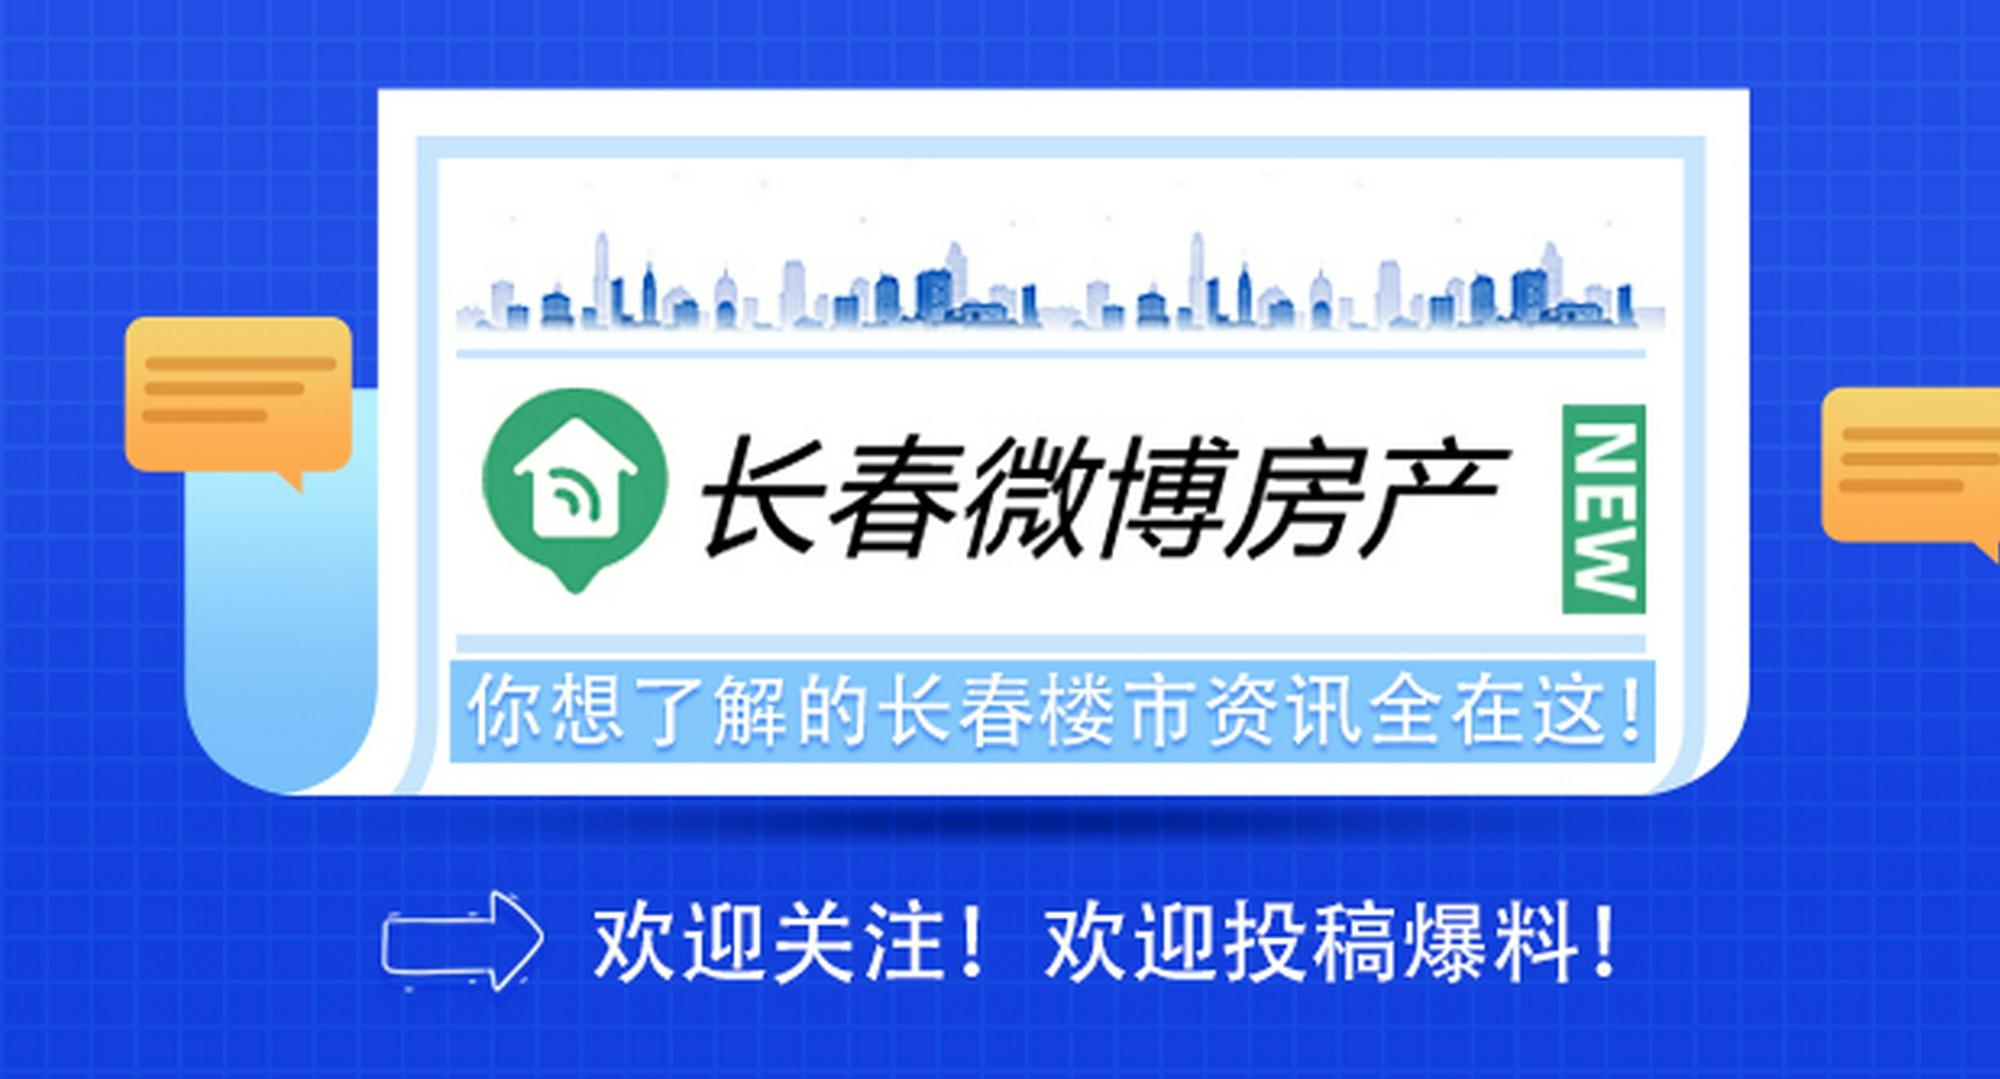 新浪吉林官方账号@长春微博房产